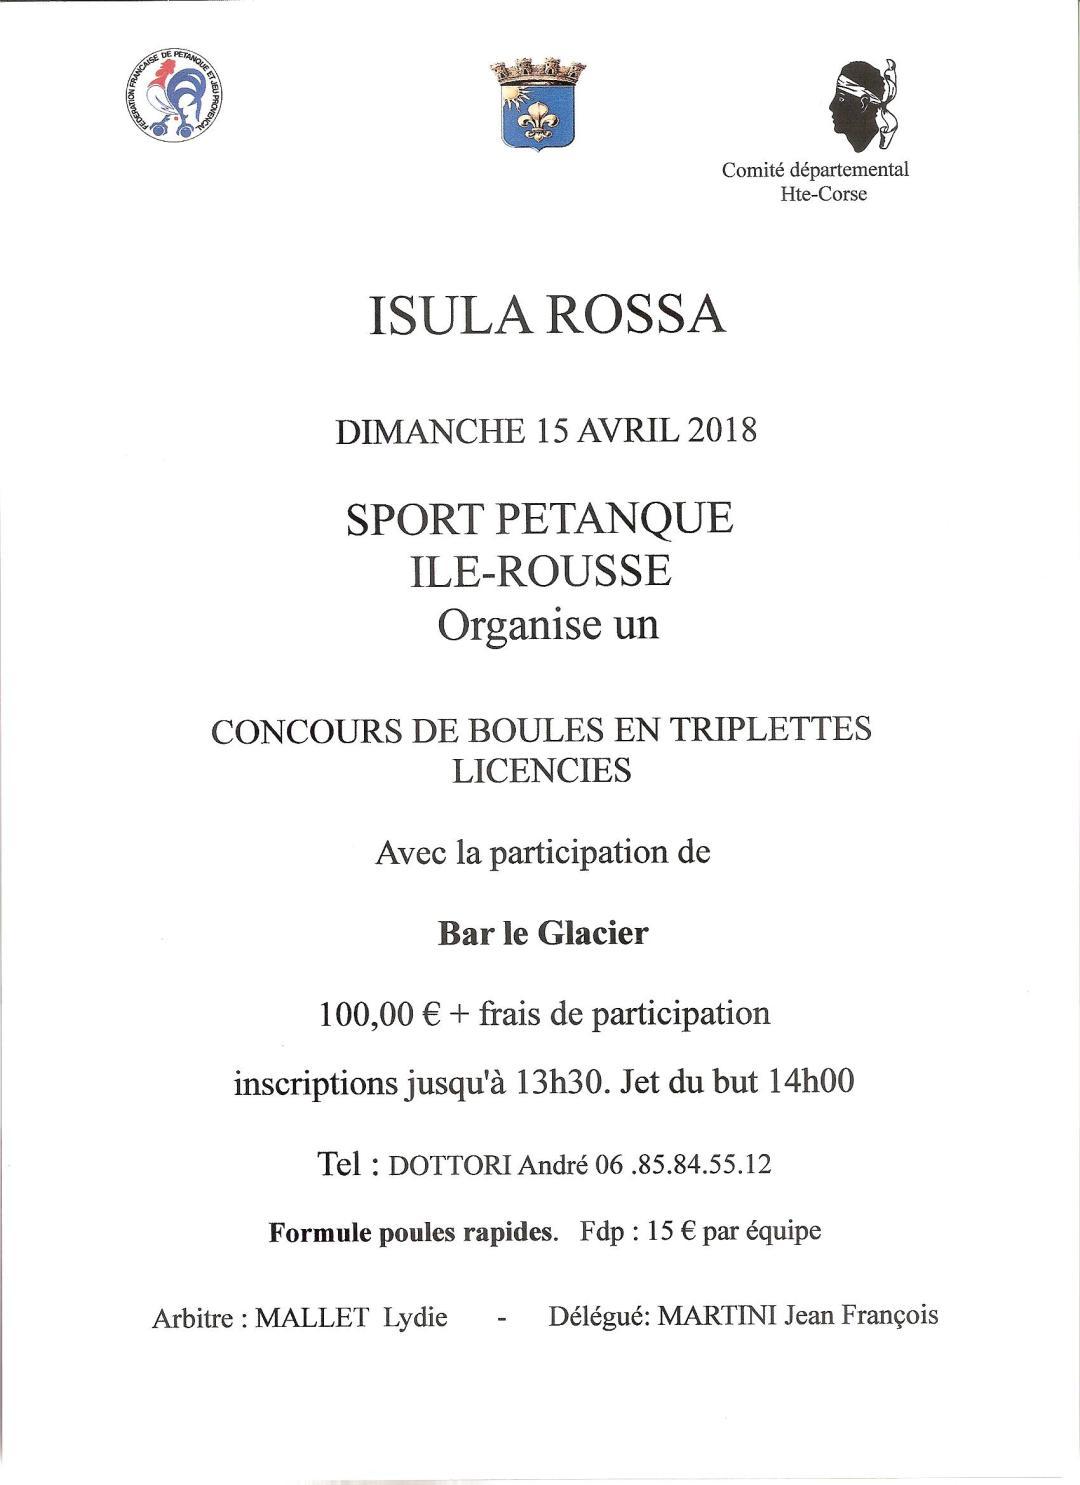 Dimanche 15 avril, départemental triplette organisé par le Sport Pétanque Ile-Rousse